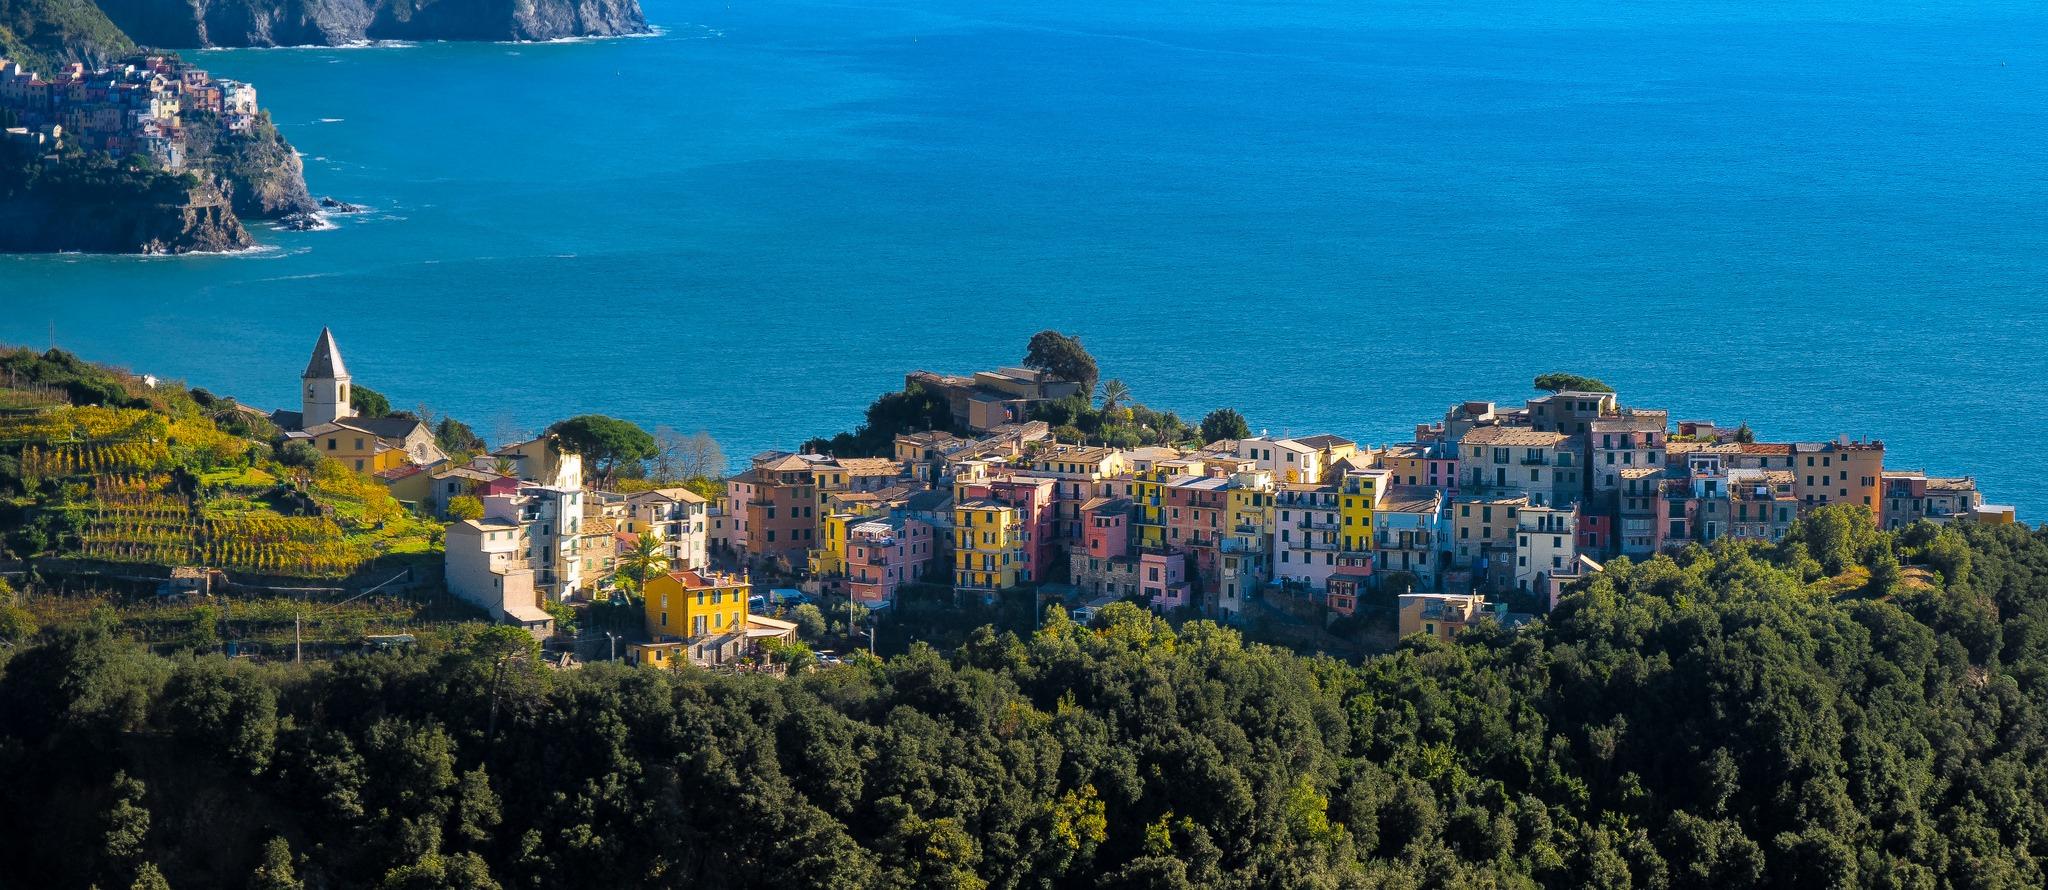 Riomaggiore-Cinque-Terre-jesien-Liguria